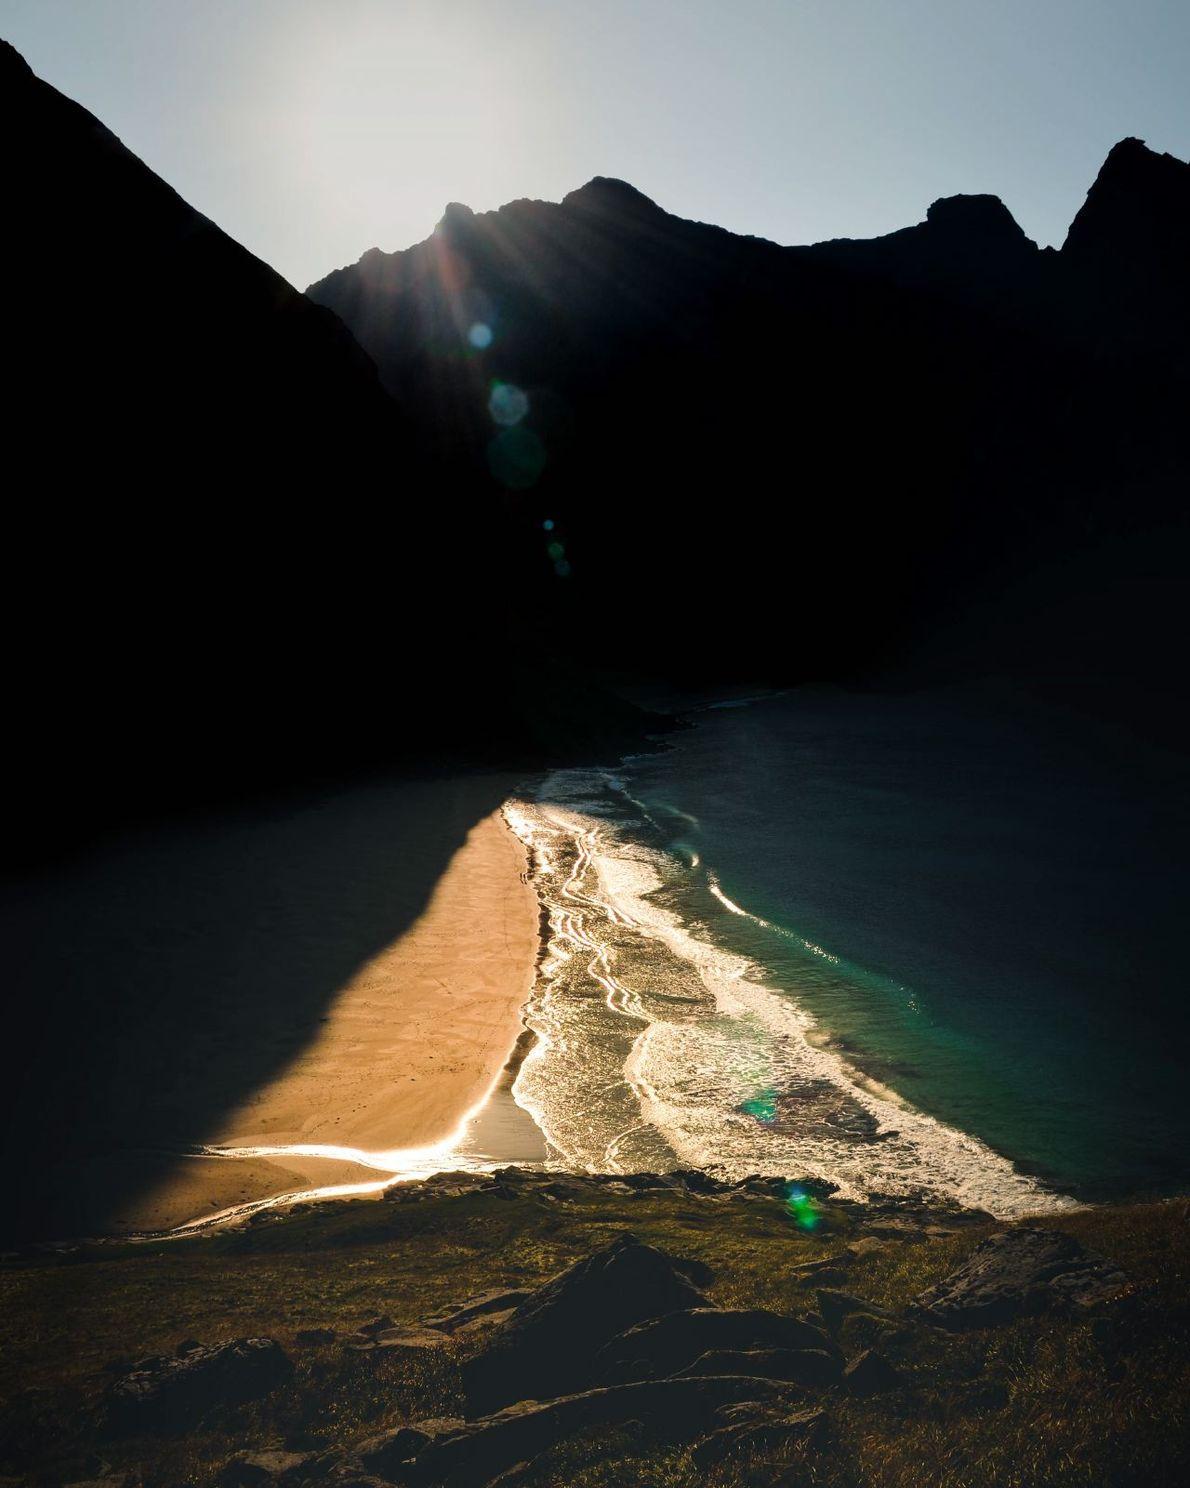 Auf den Lofoten erhellt die Sonne einen Teil des Strandes, der größtenteils im kühlen Schatten der ...